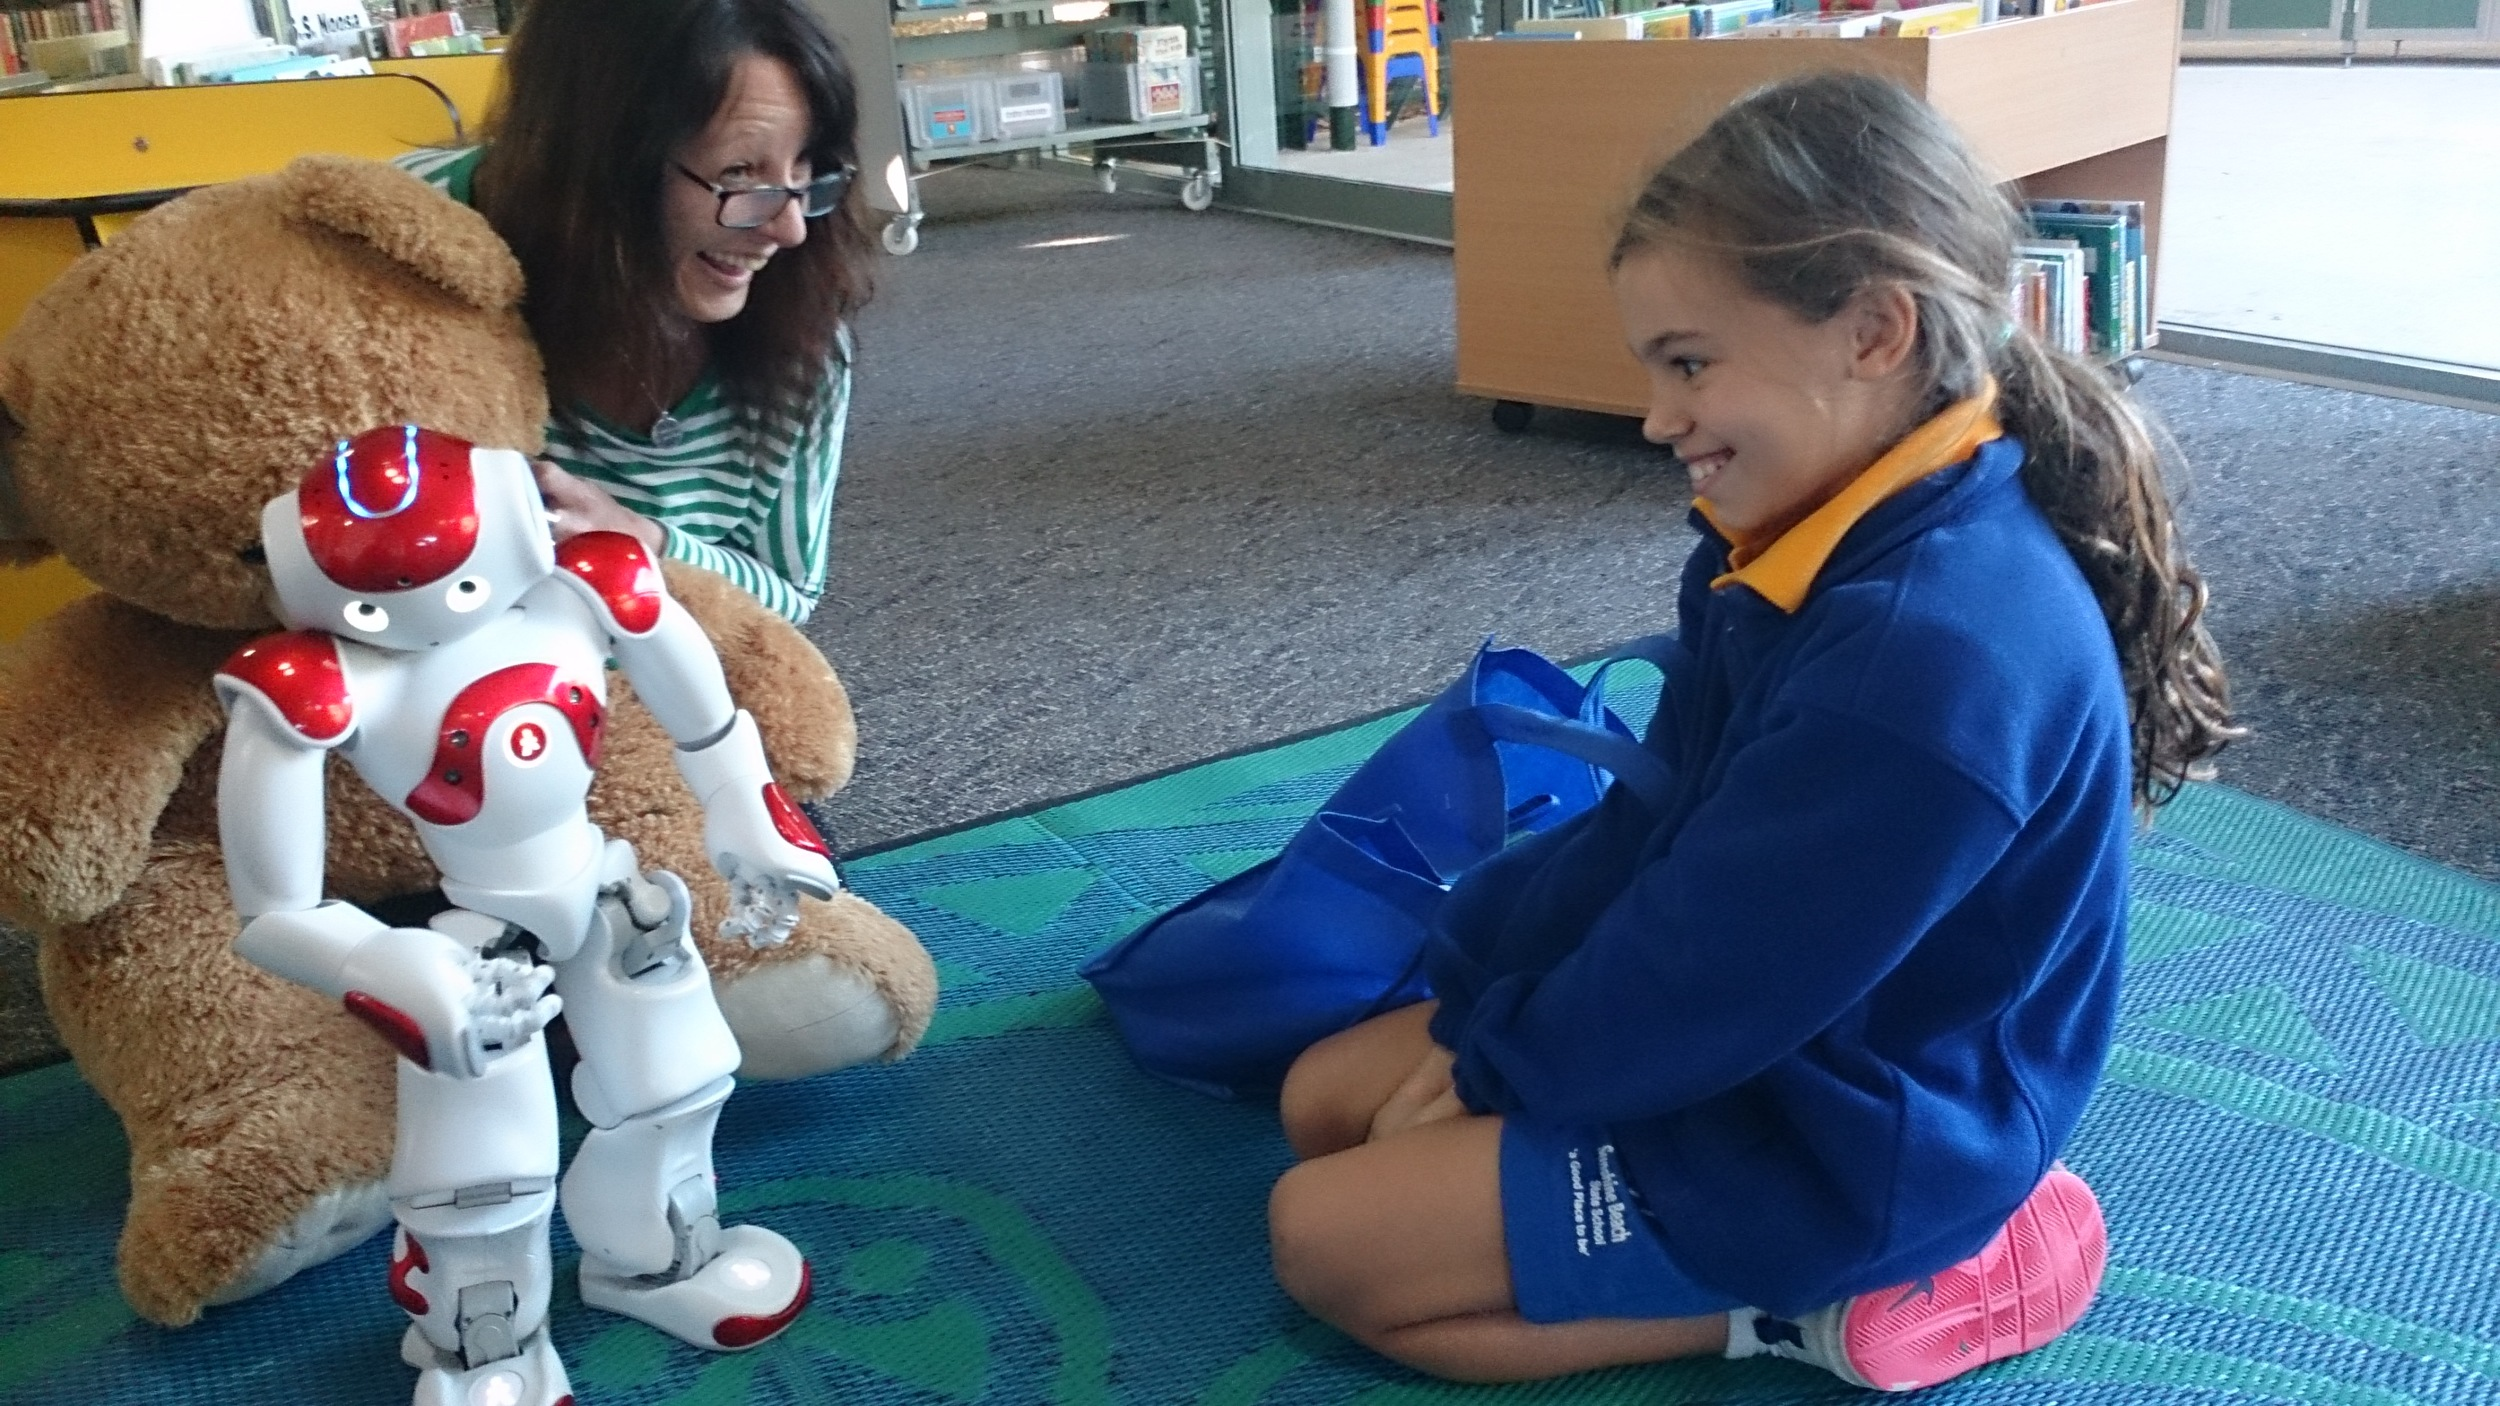 NAO robot at Noosa Library